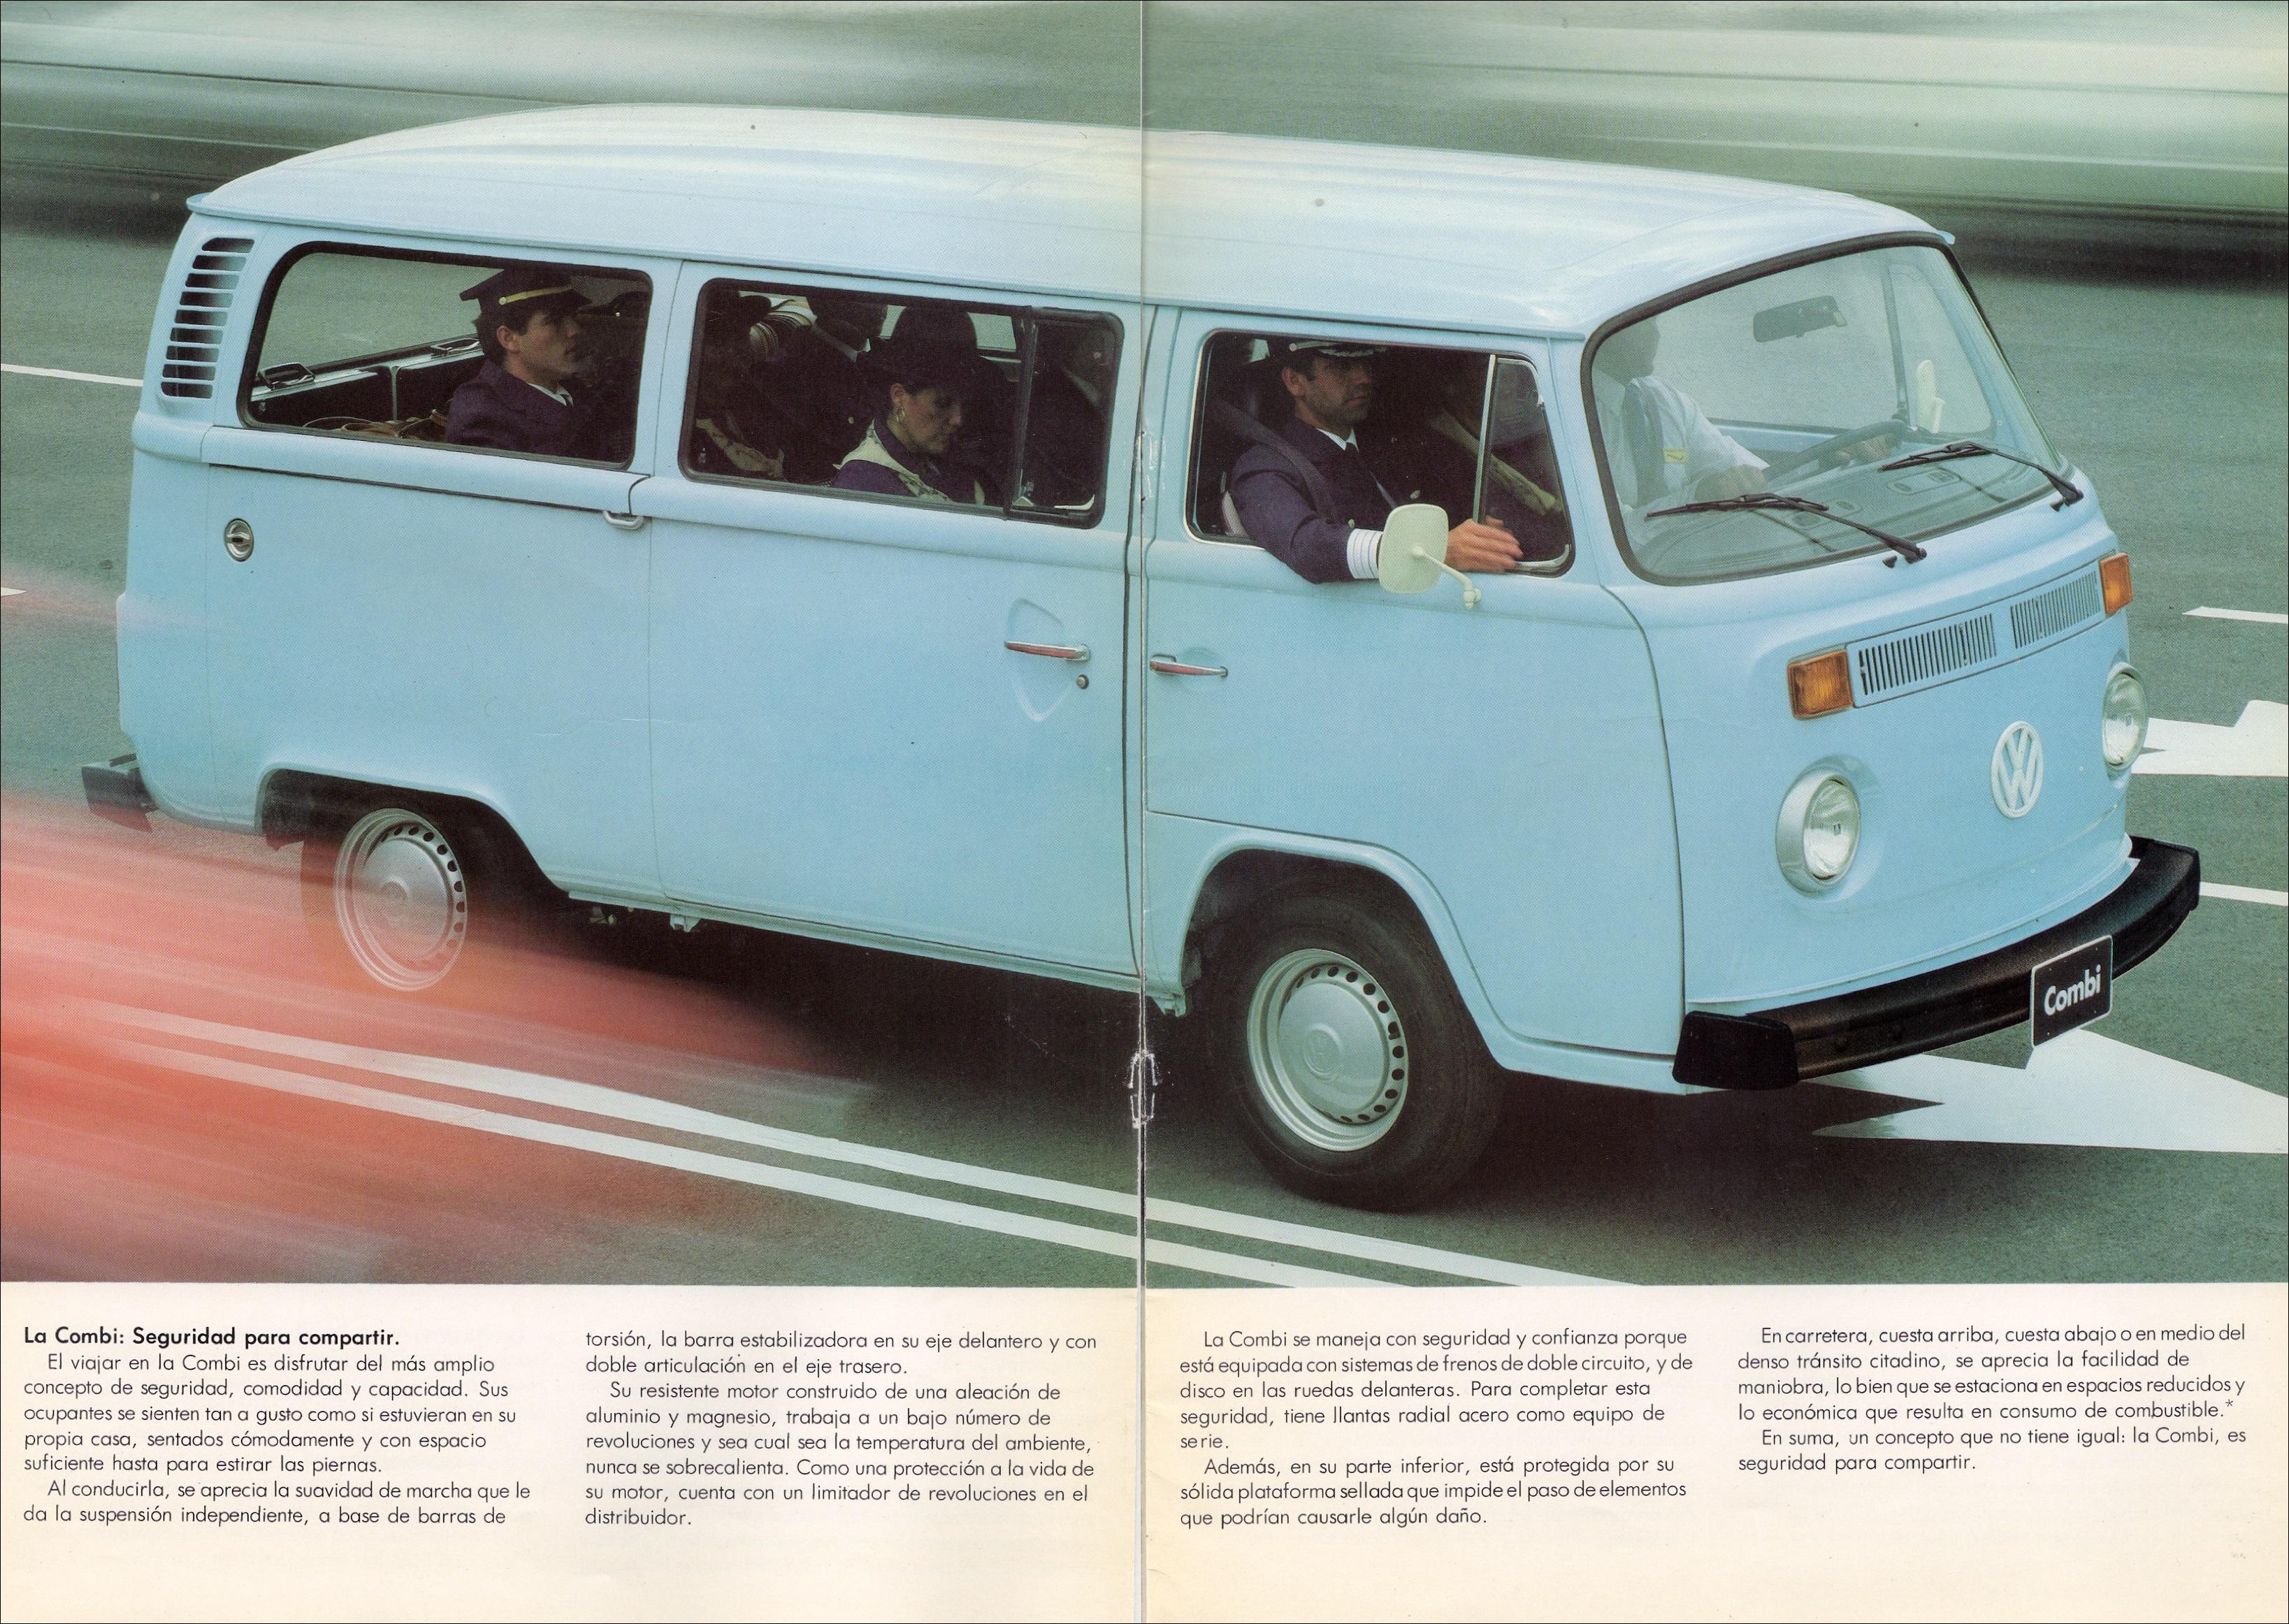 volkswagen for family mercedes dealership paso gla car sale specials tx elpaso suv luxury new sales el hoy compact benz texas auto in